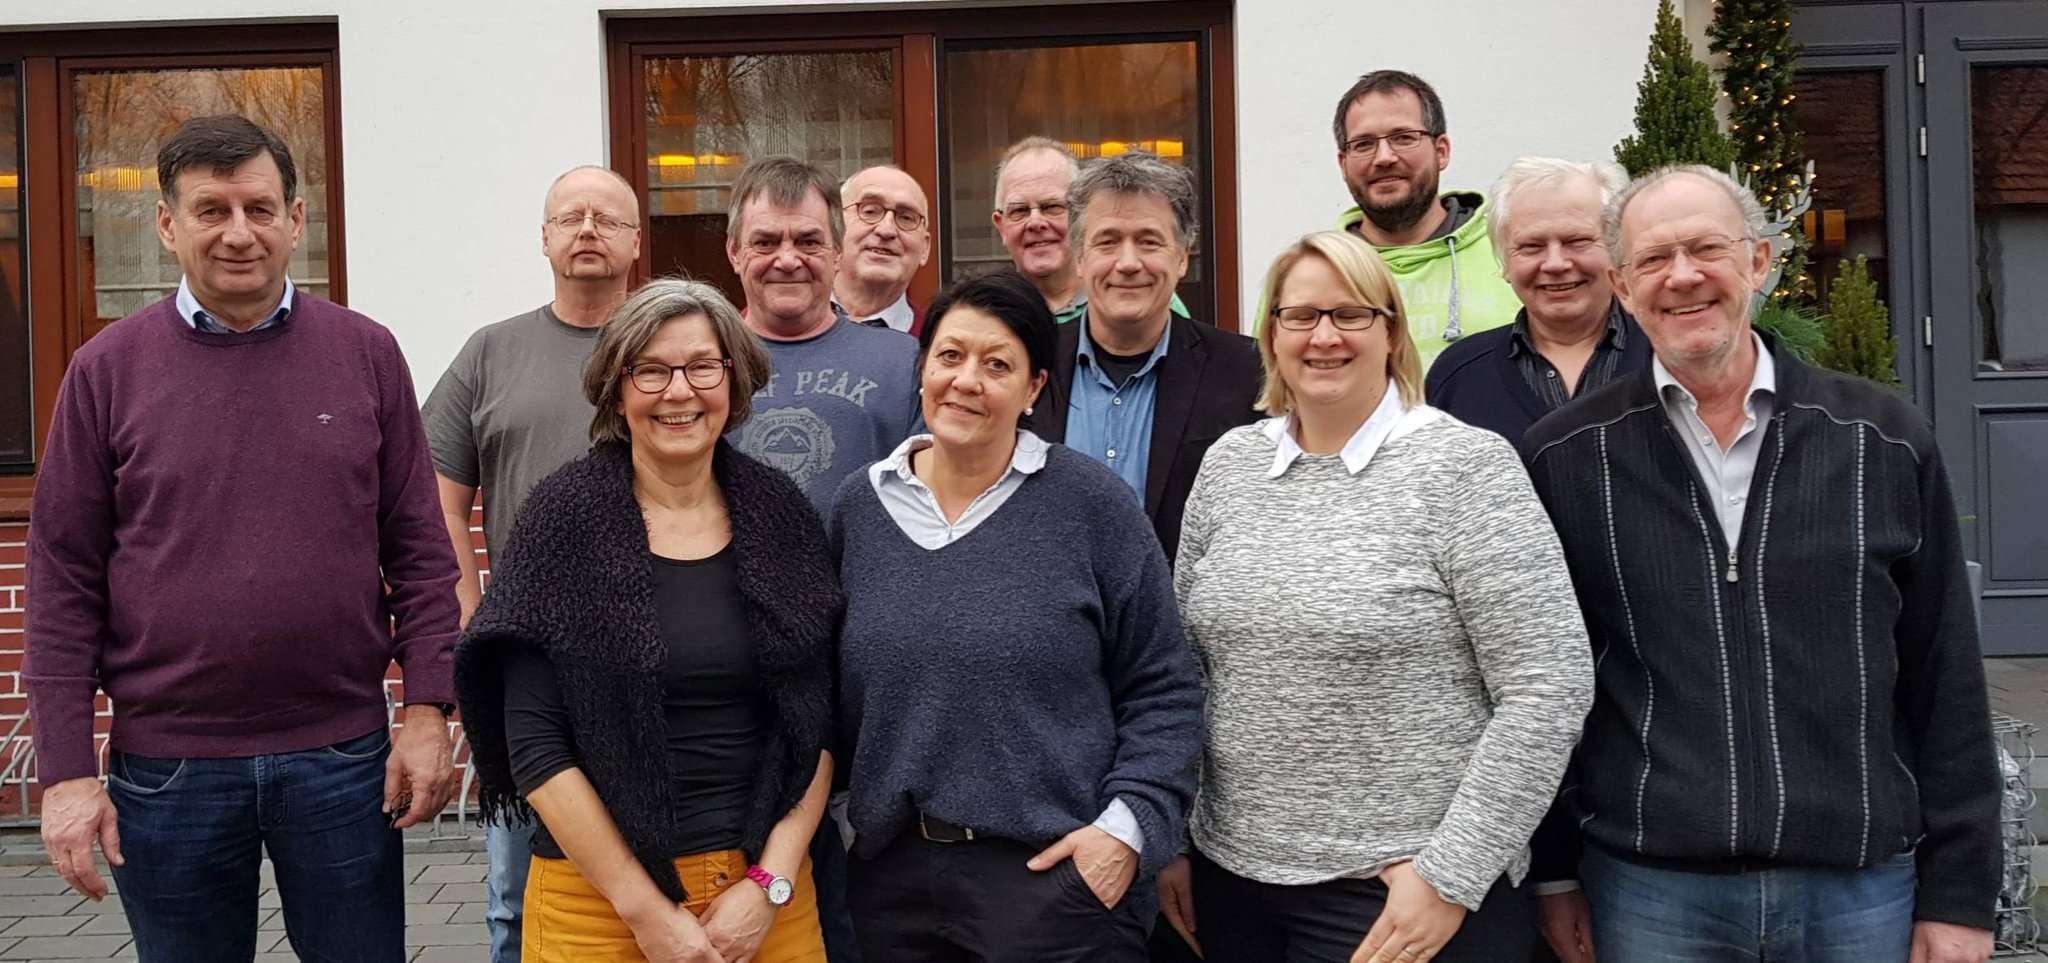 Die SPD-Fraktion des Sottrumer Samtgemeinderats erklärt, wie ihre Weichenstellung für das angebrochene Jahr aussieht.